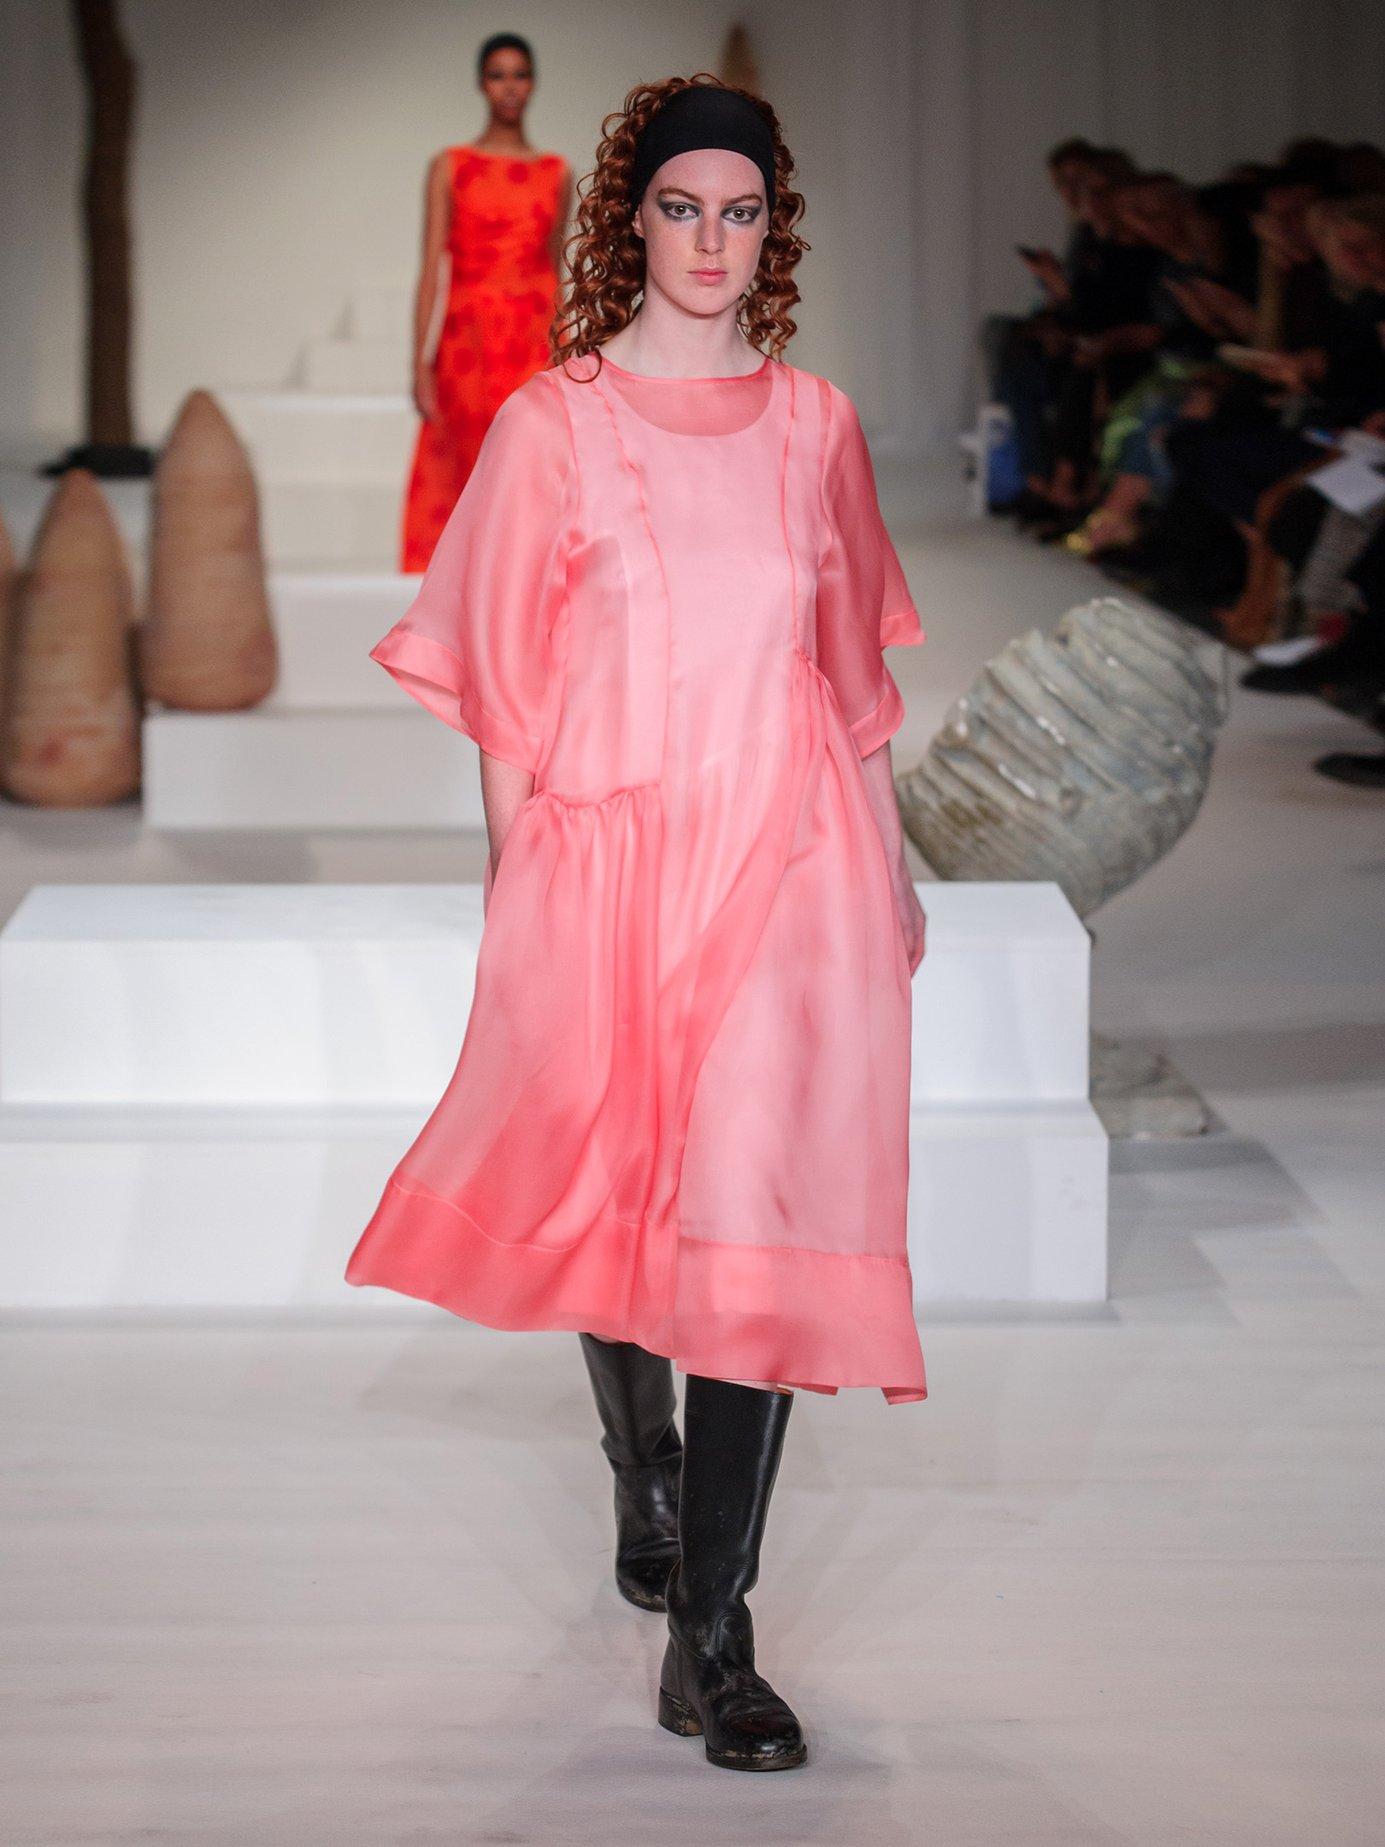 Laurelai silk-organza dress by Molly Goddard